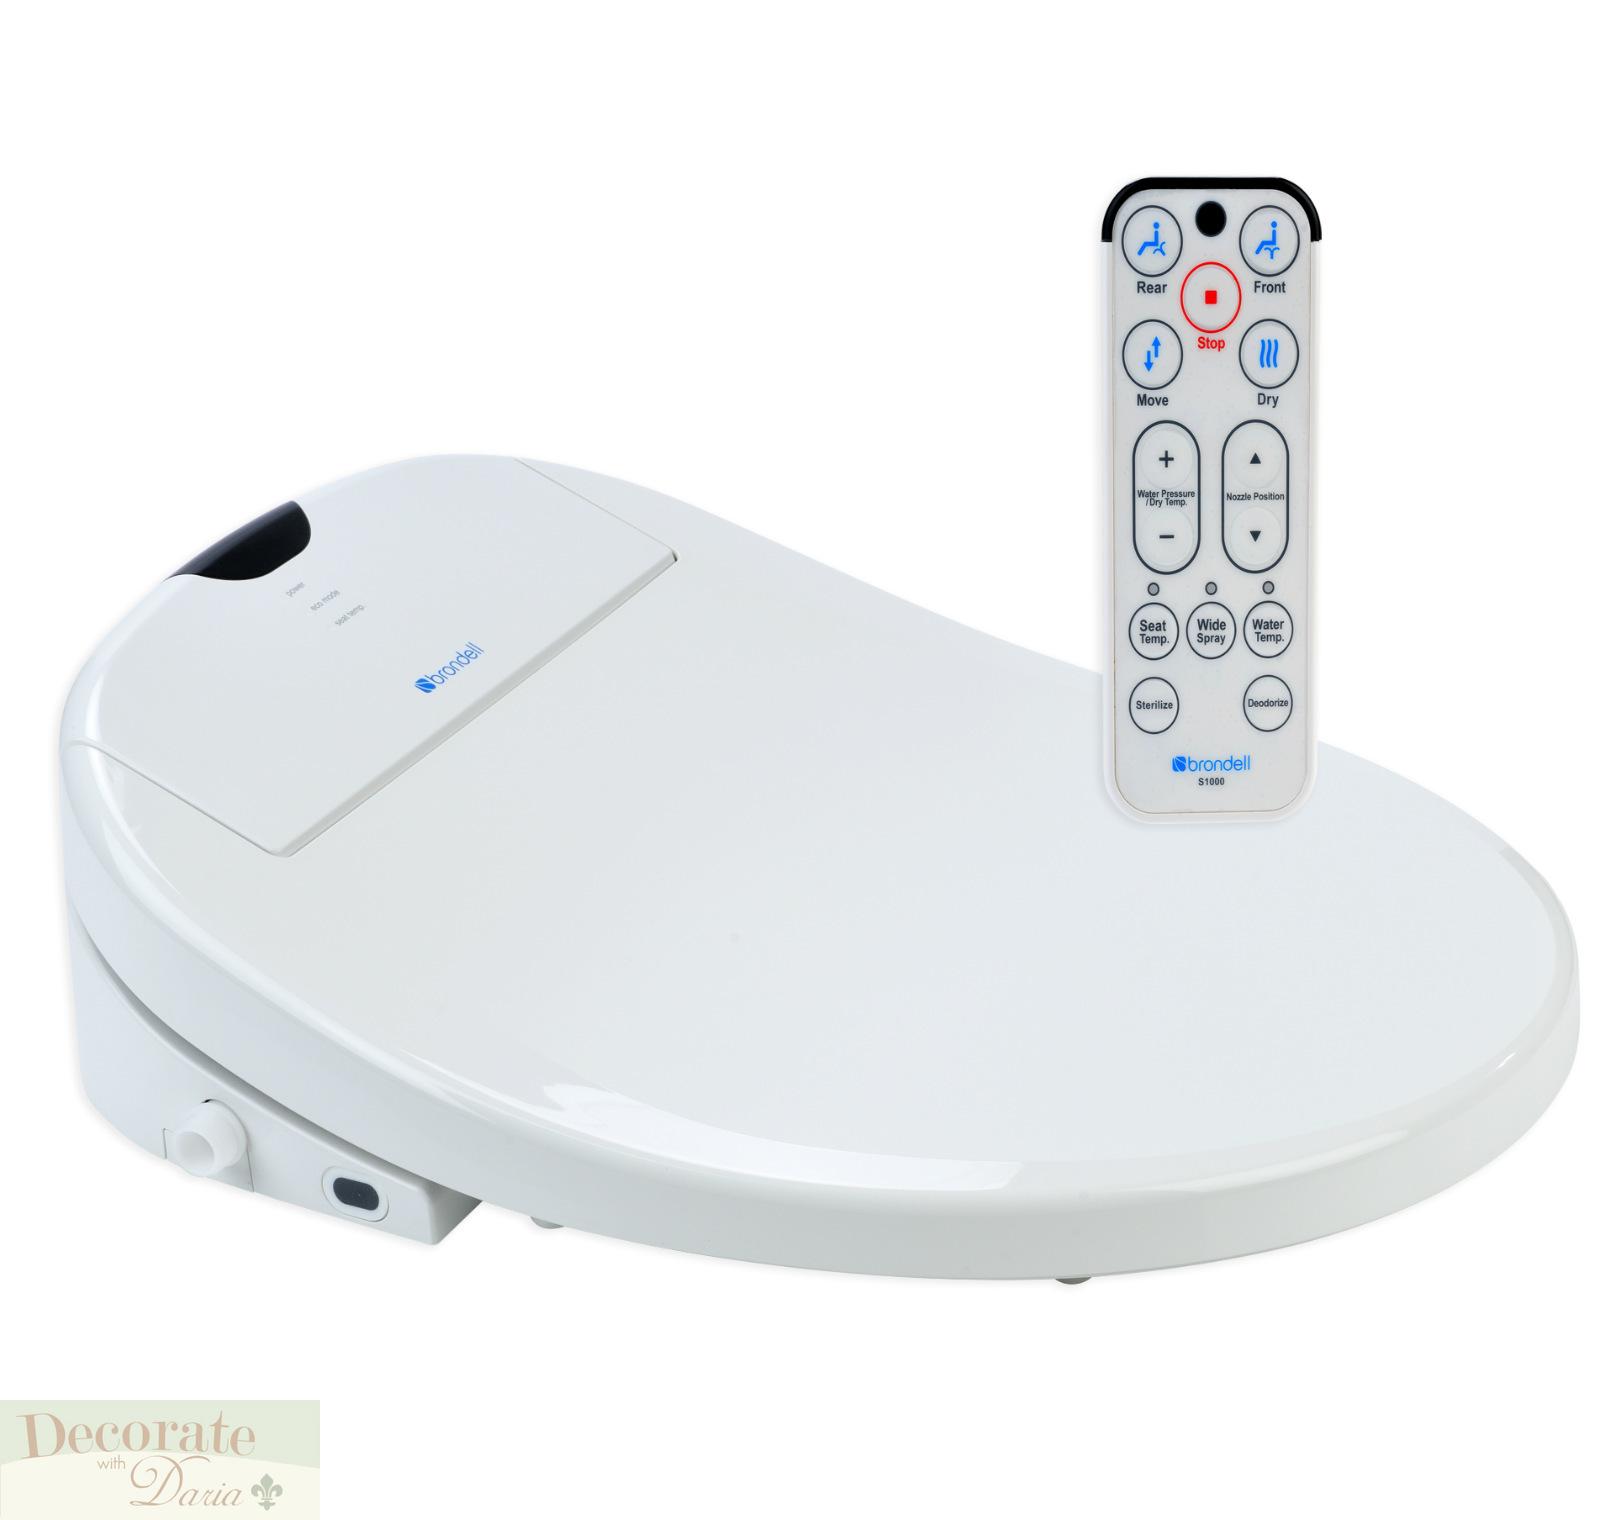 bidet brondell elongated swash 1000 toilet seat remote control hygiene wash new ebay. Black Bedroom Furniture Sets. Home Design Ideas